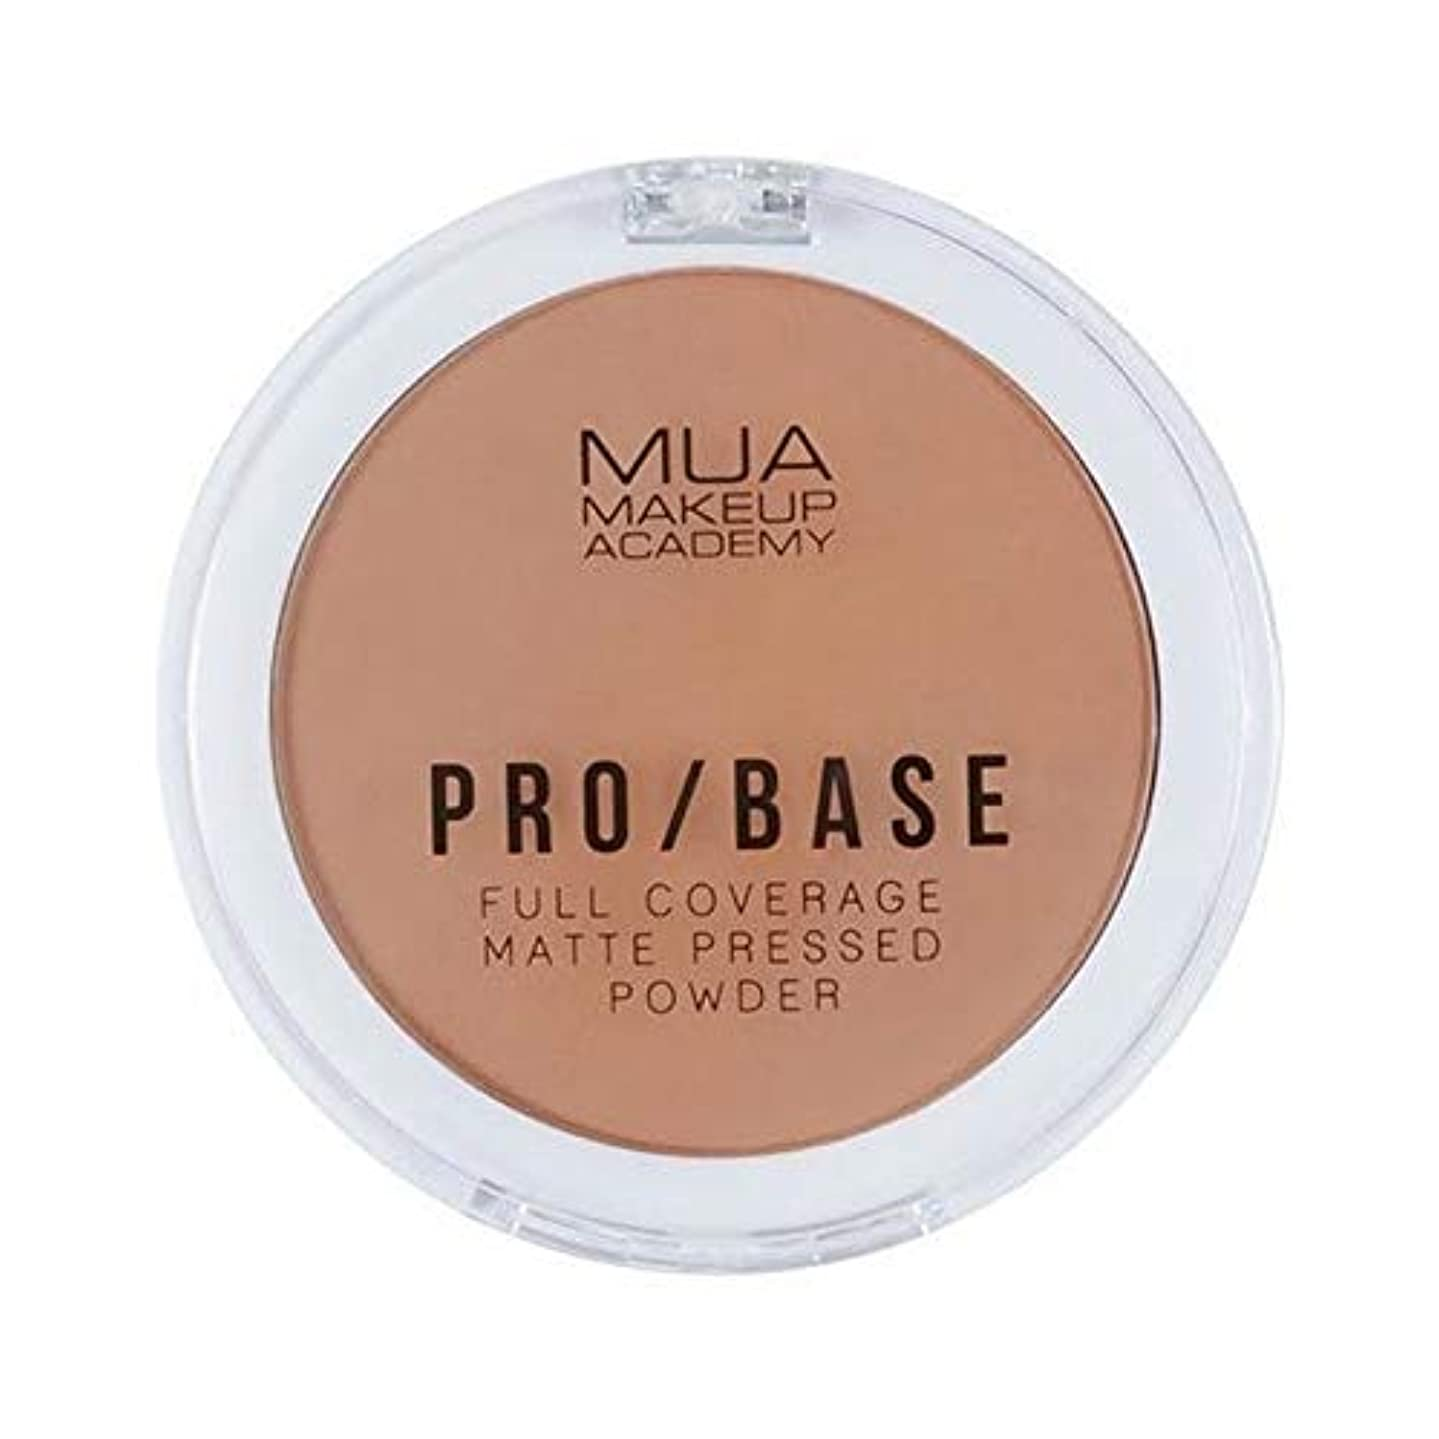 コピーデュアル日焼け[MUA] Muaプロ/ベースのフルカバレッジマットパウダー#160 - MUA Pro/Base Full Coverage Matte Powder #160 [並行輸入品]